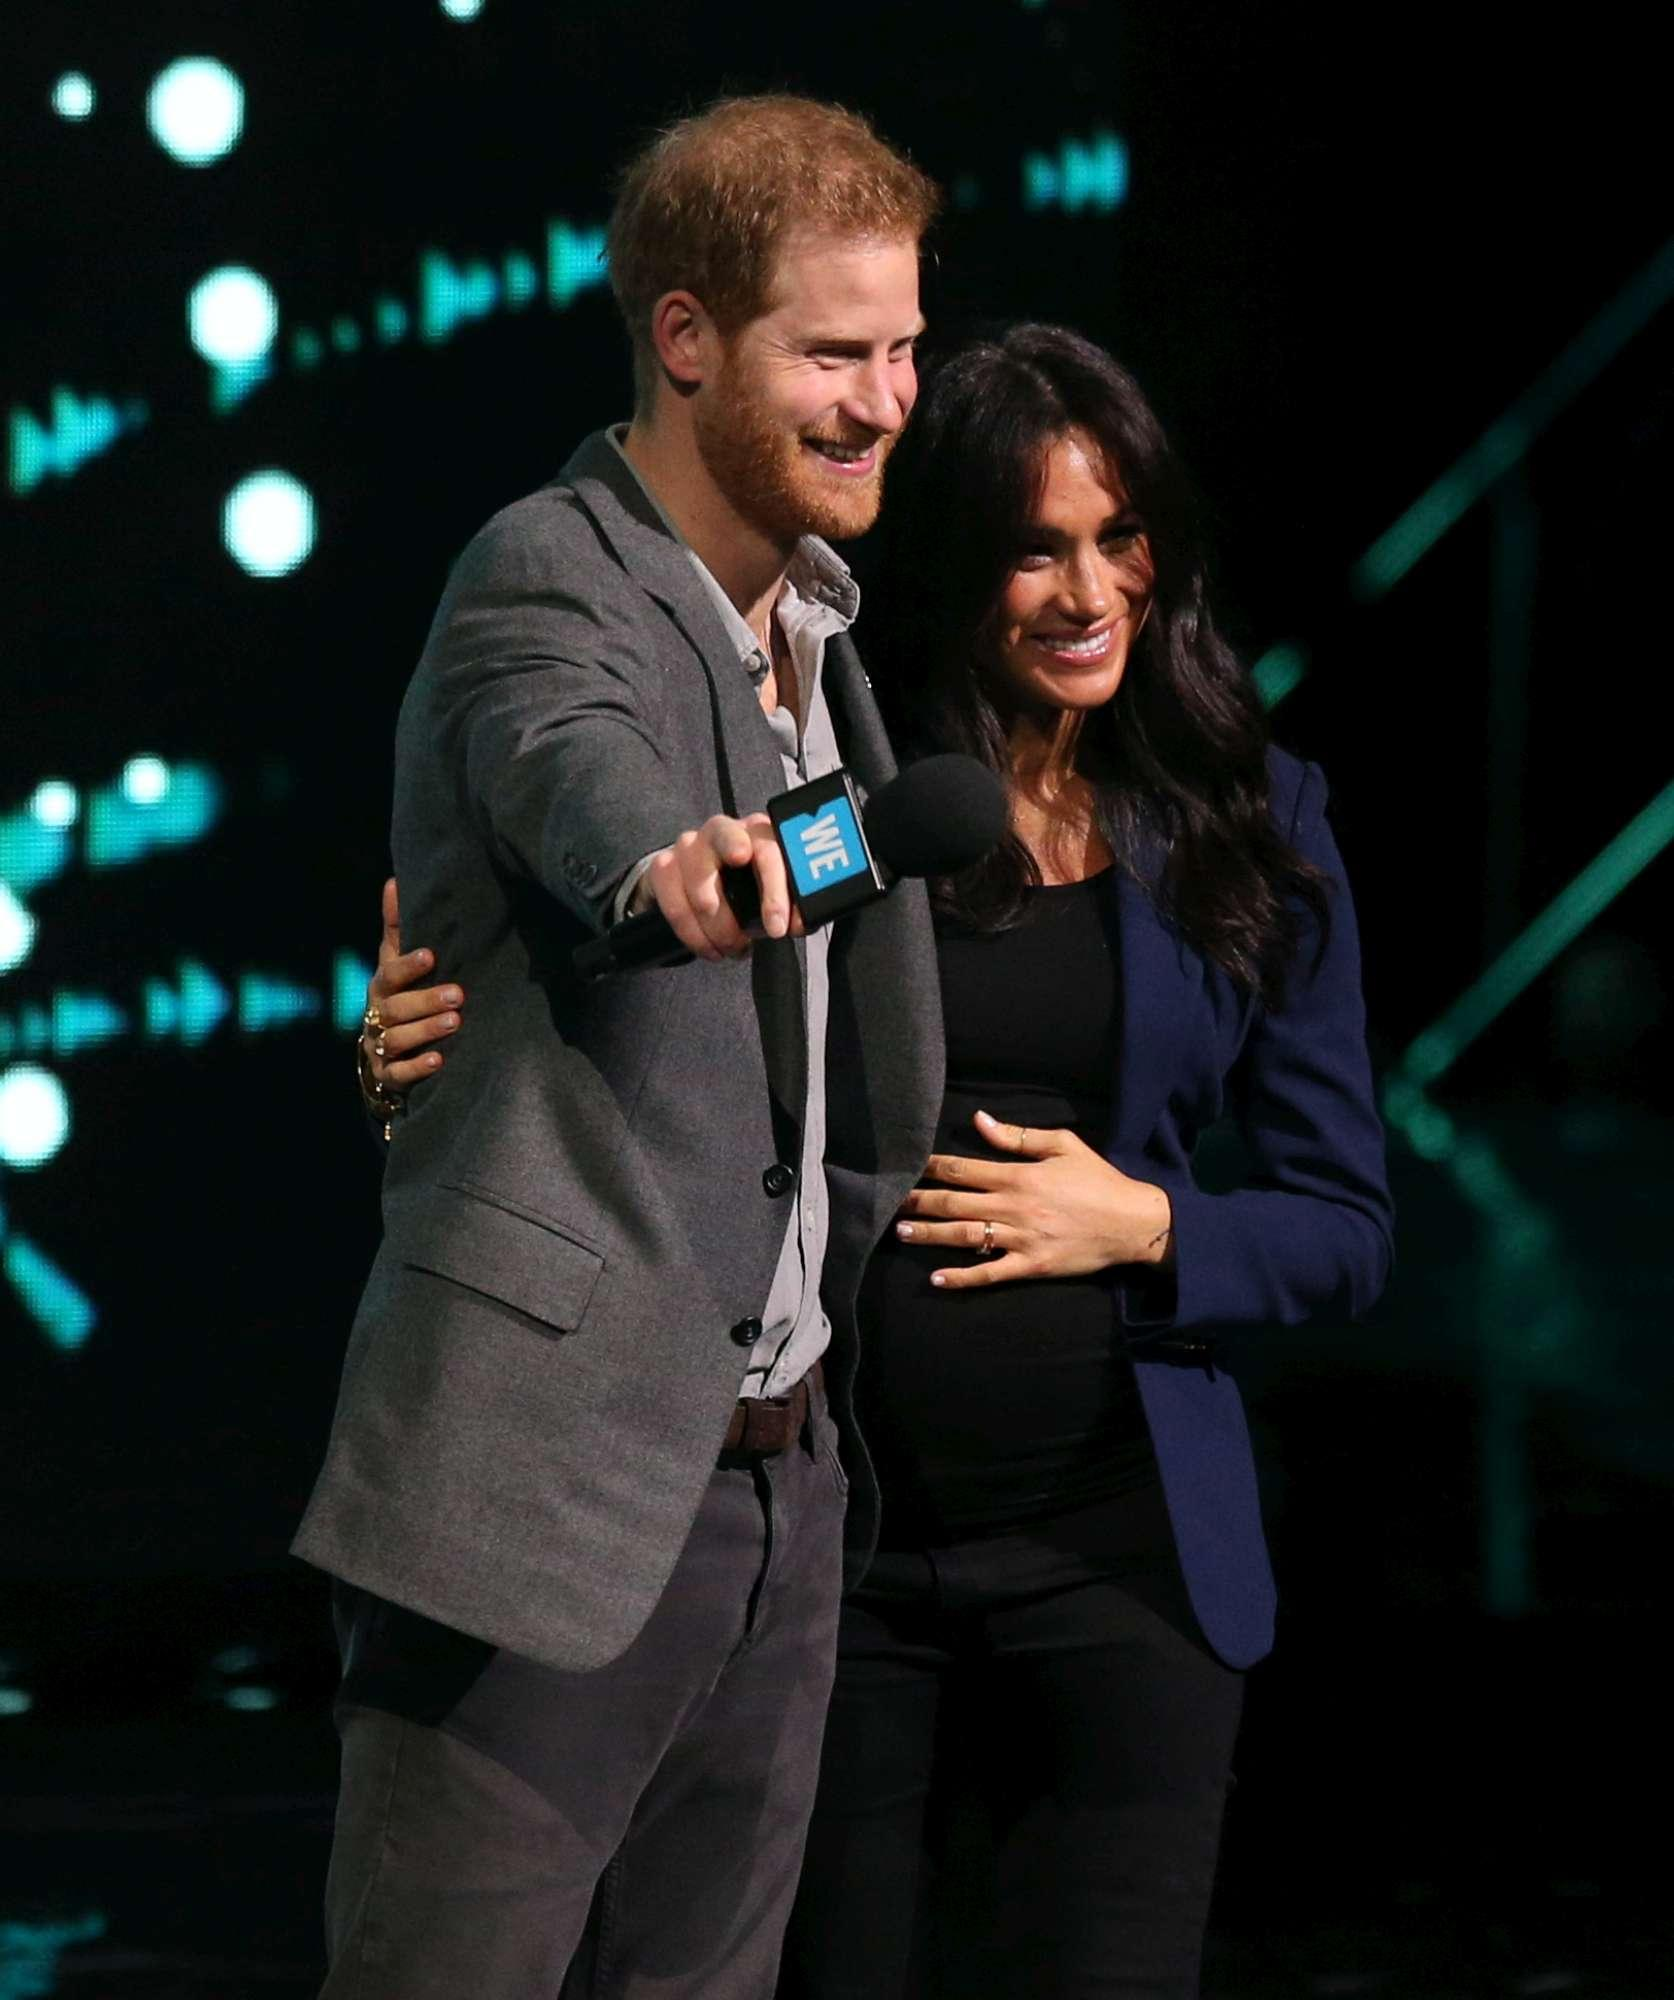 Meghan Markle, apparizione a sorpresa sul palco con Harry